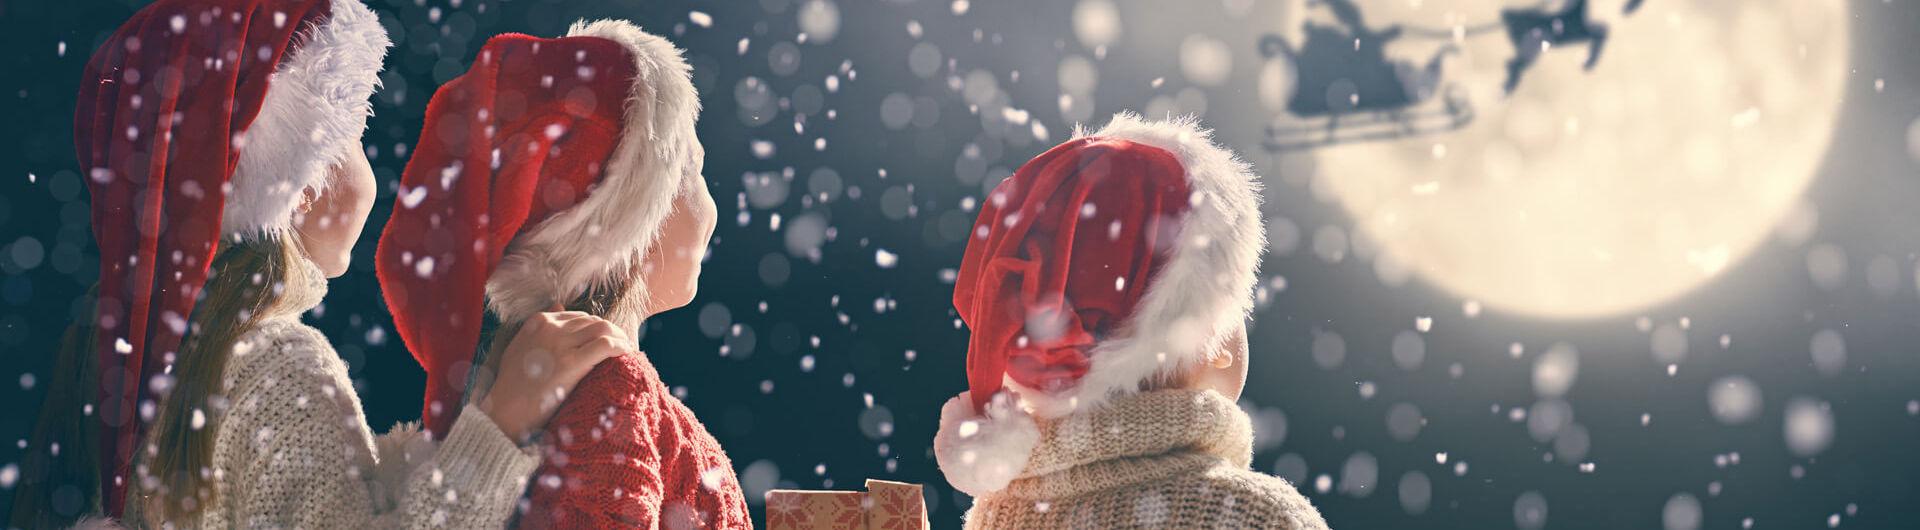 De leukste kerst trends van 2019!